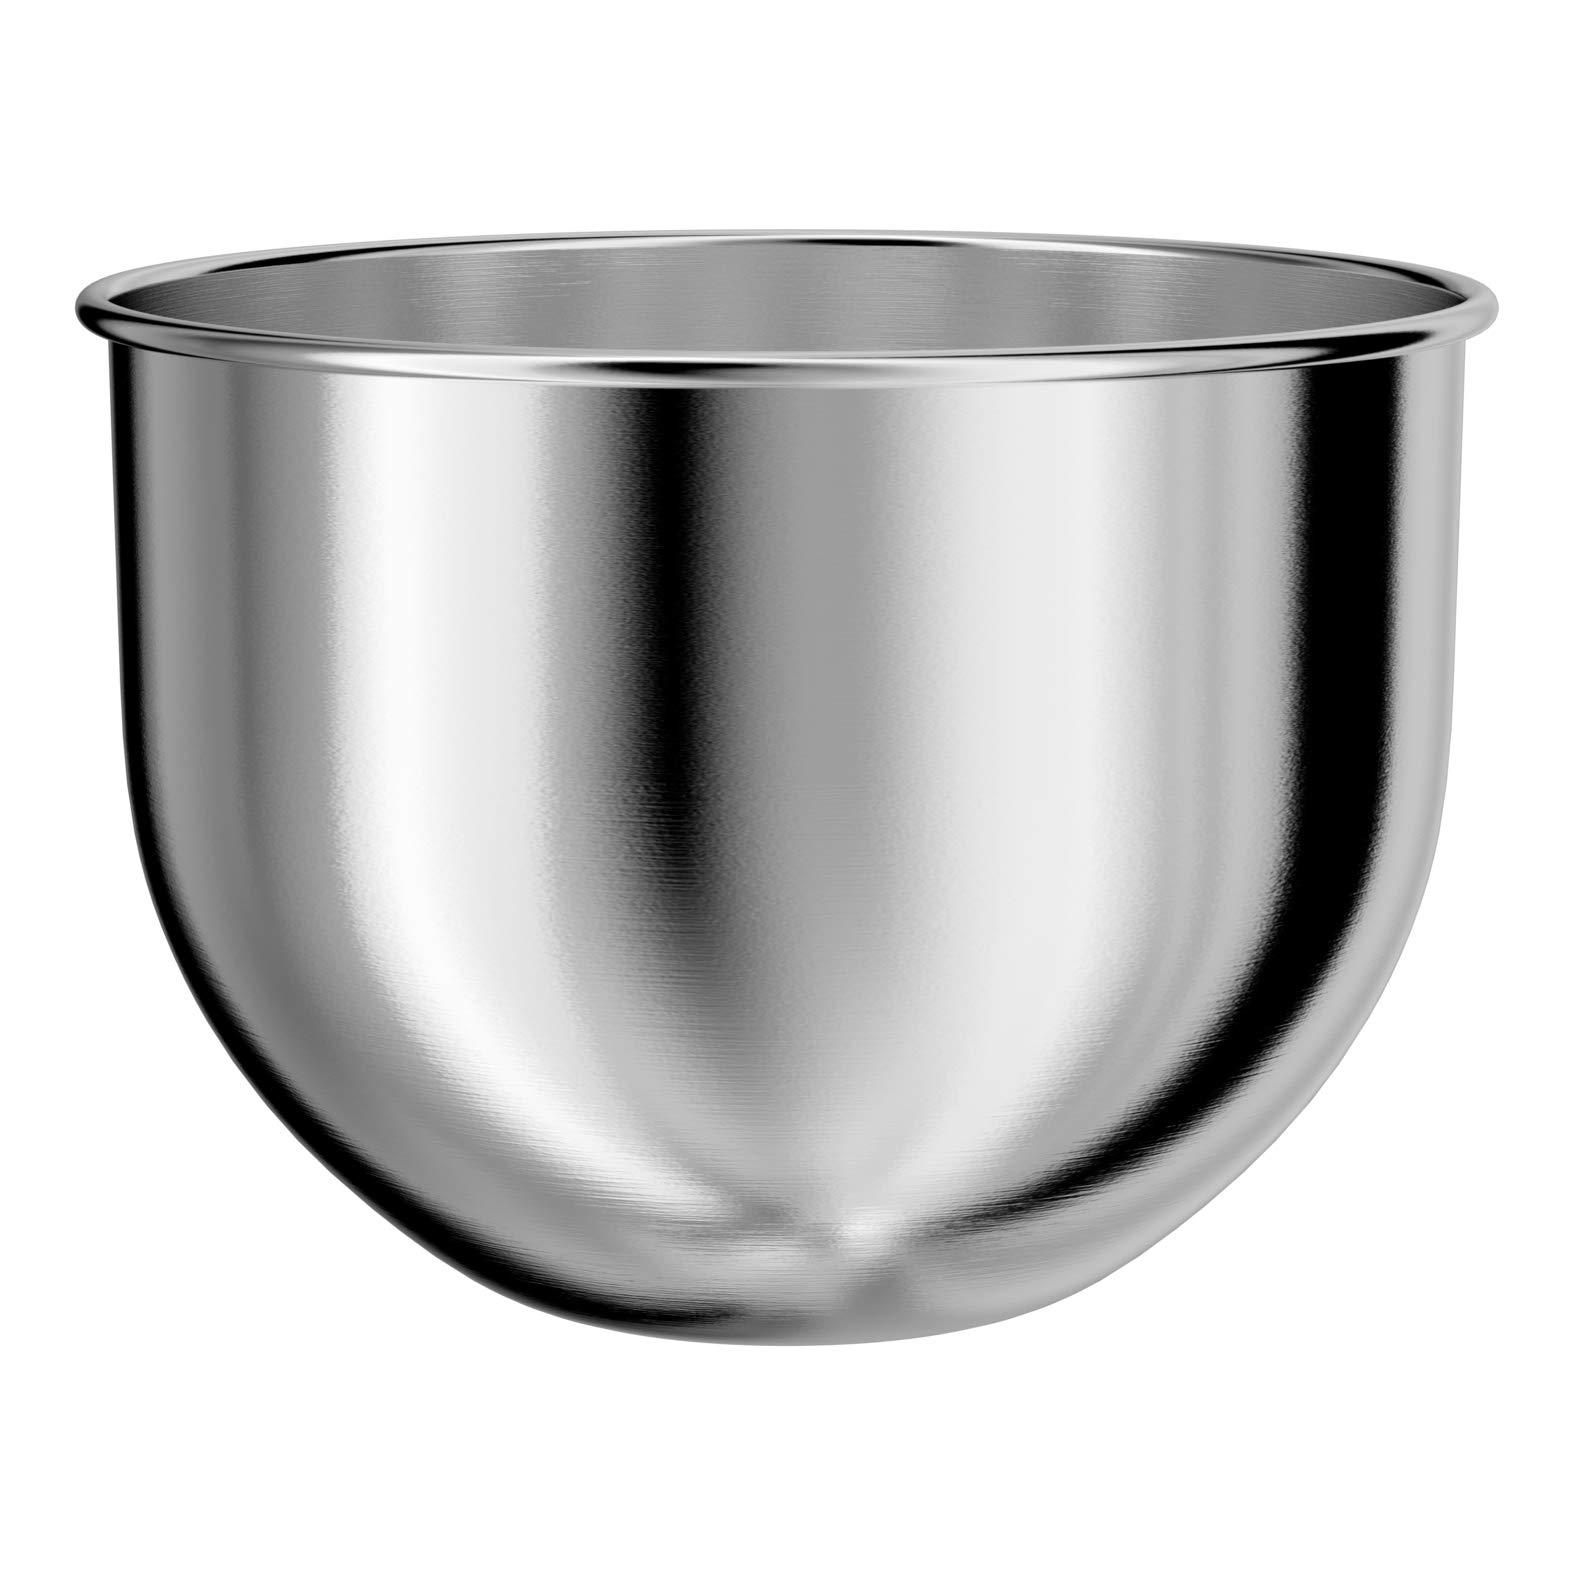 ماكينة مطبخ مولينكس ماستر شيف 4.8 لتر، ابيض فضي، ستانلس ستيل / بلاستيك، QA150127